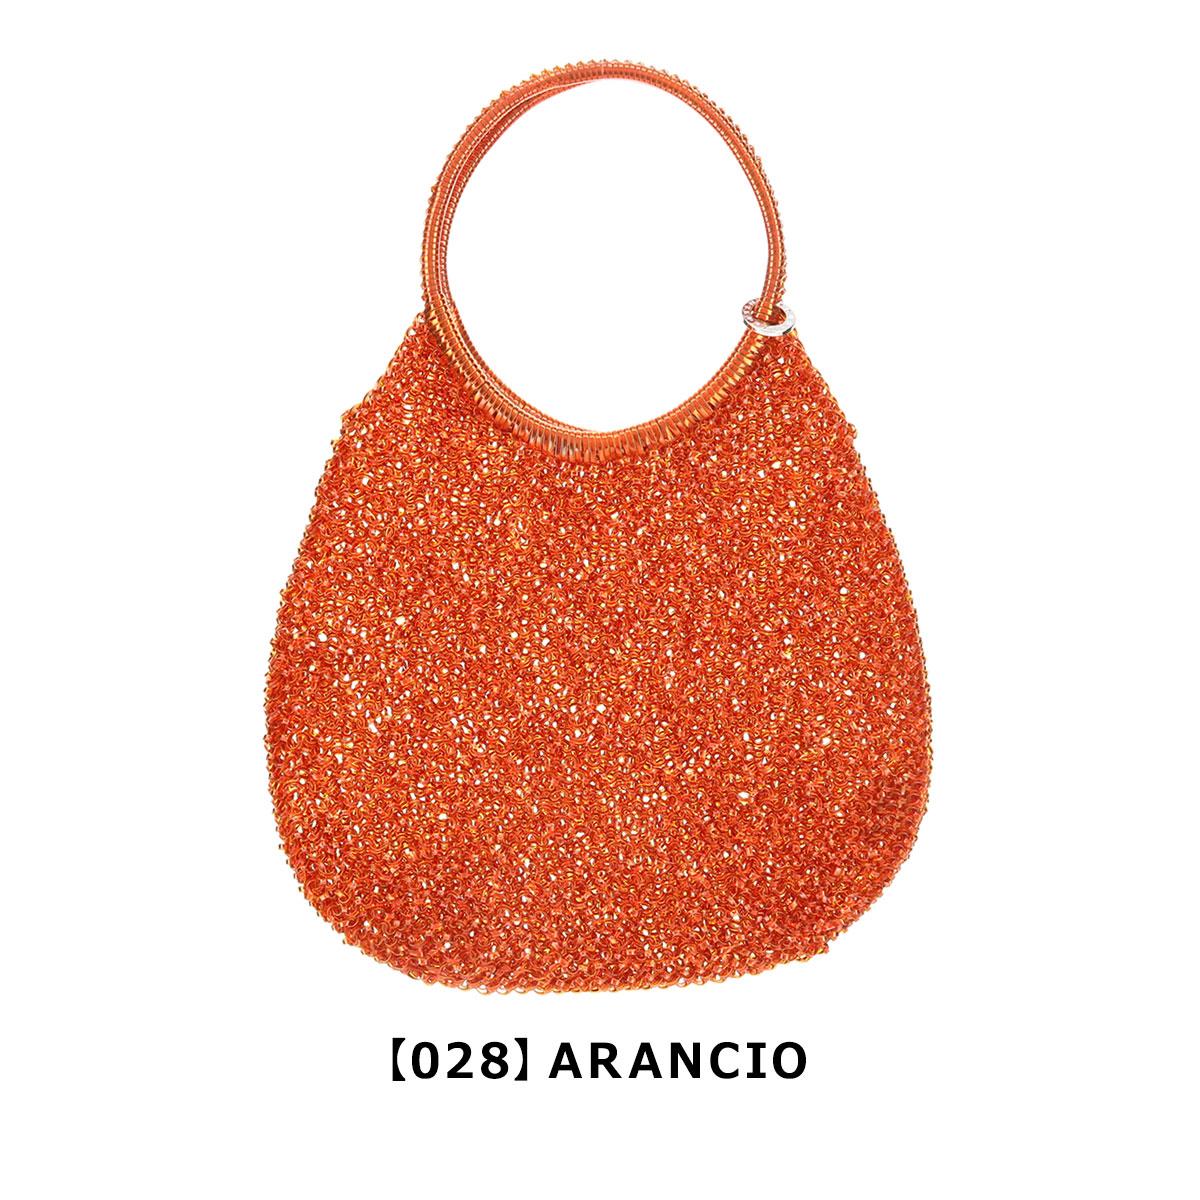 【028】ARANCIO